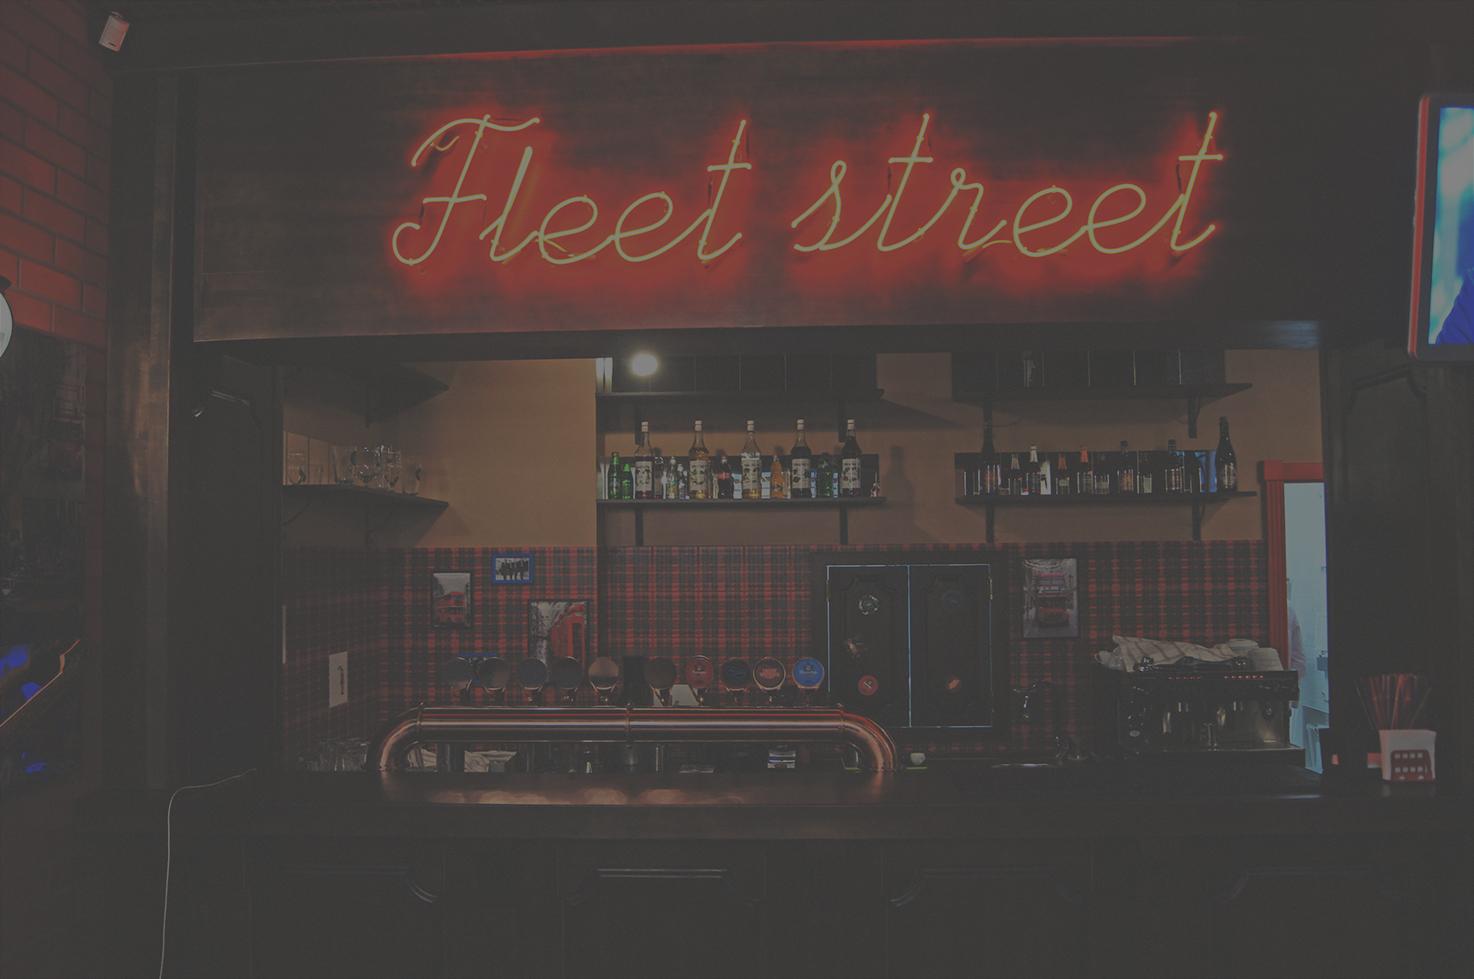 Fleet Street Бар на Академической